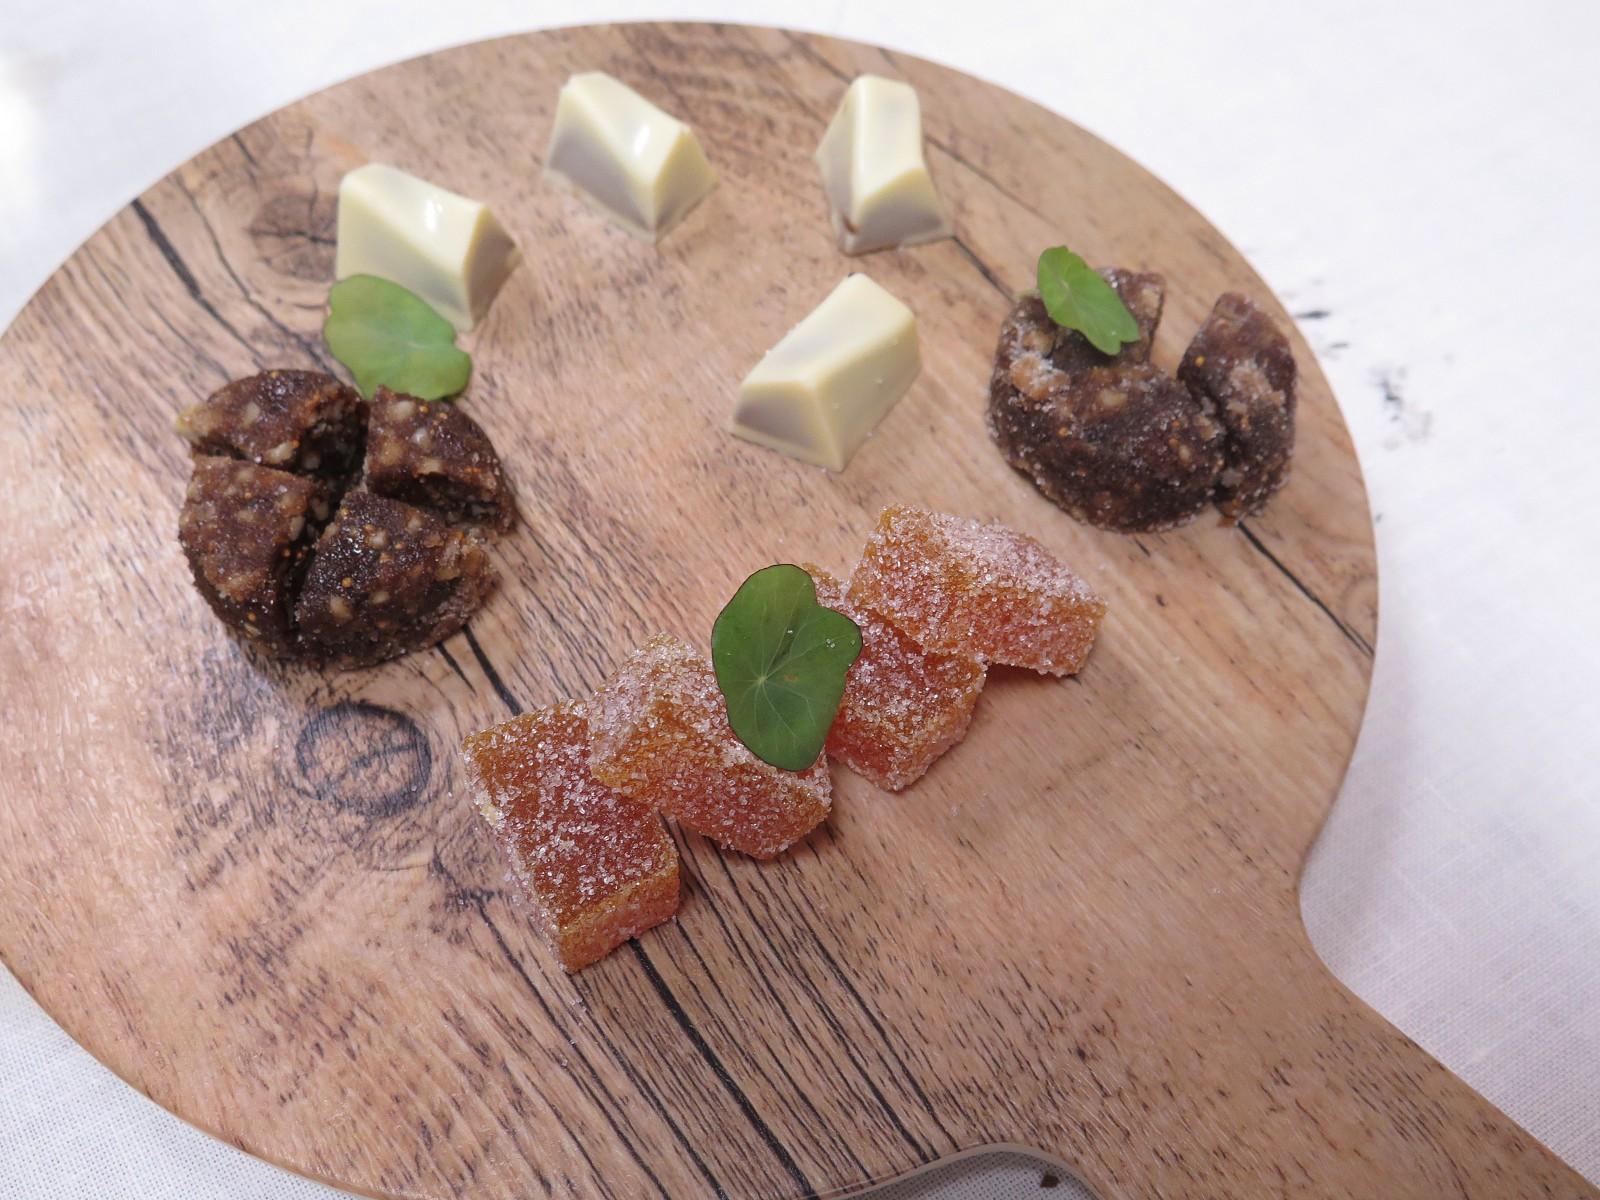 Chocolate branco e praliné, queijo de figo do Algarve e goma de manga com especiarias